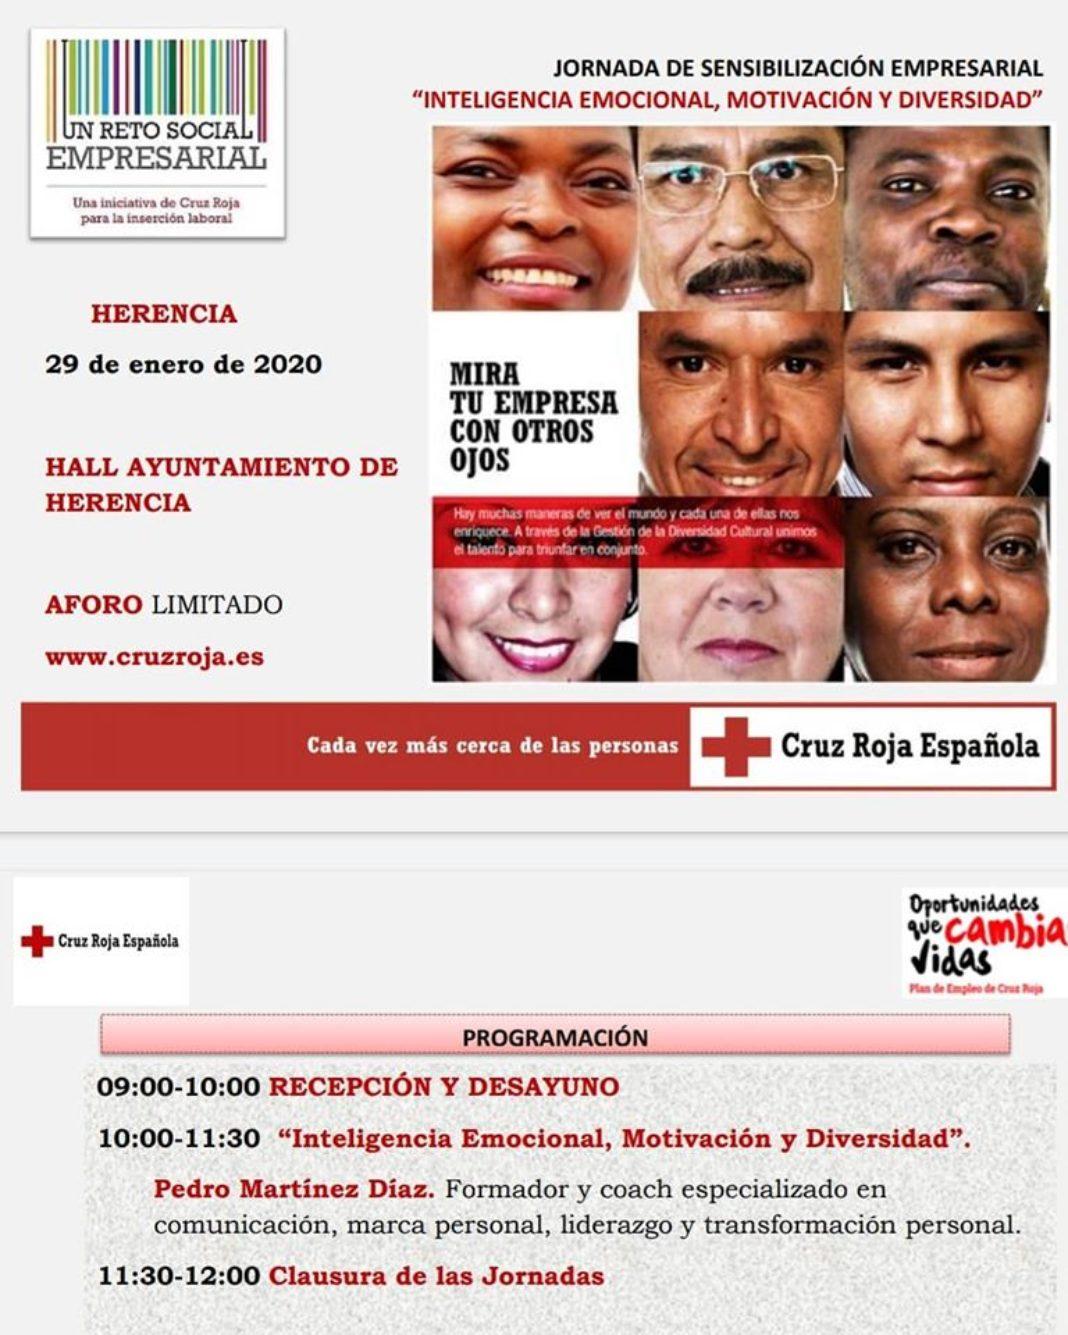 Jornada de sensibilización empresarial 1068x1335 - Jornada de sensibilización empresarial en Herencia